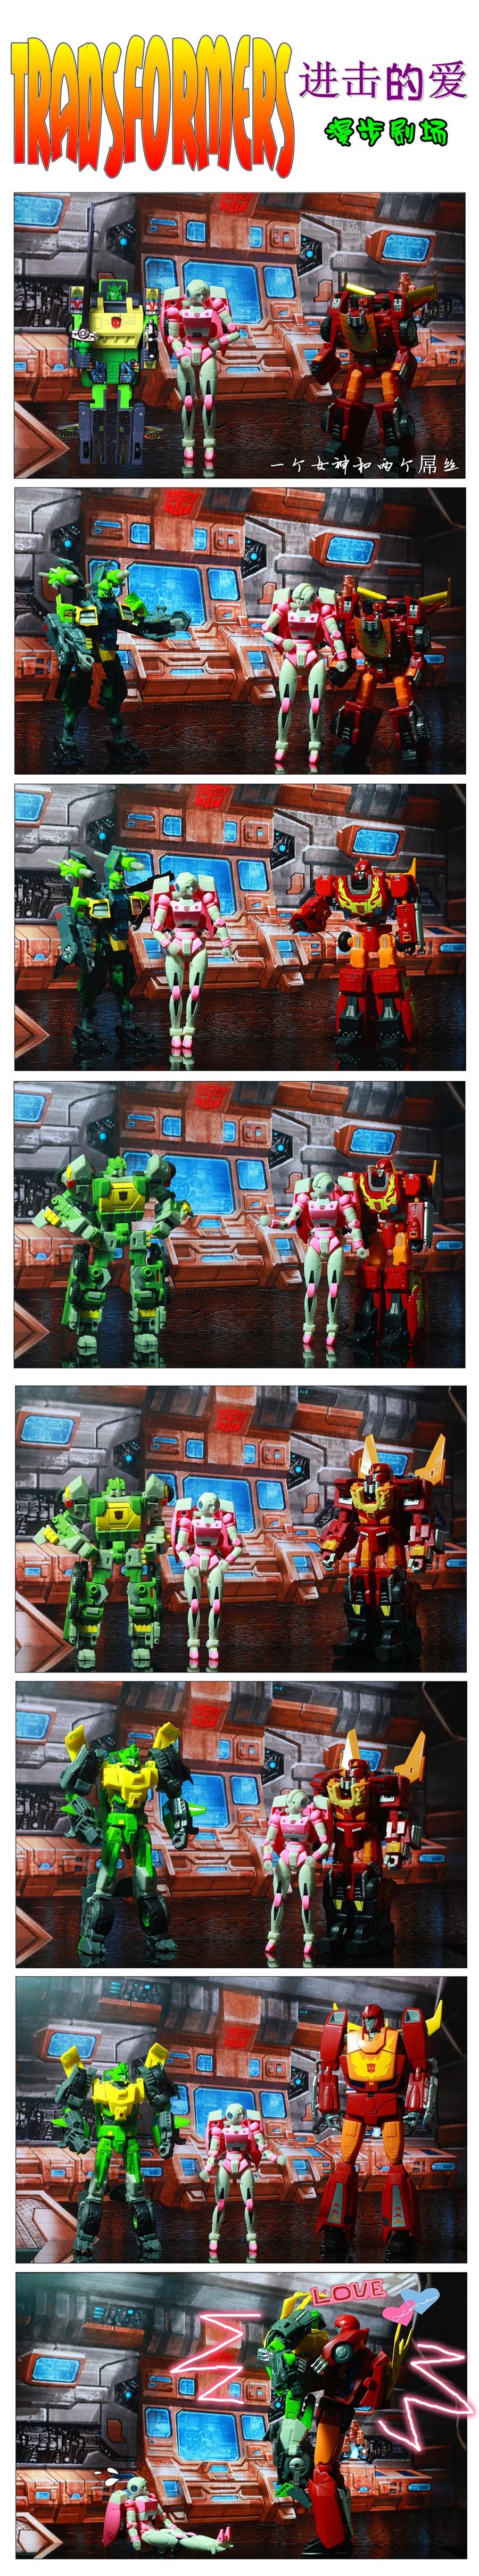 Images comiques du web (TF ou pas) - Page 15 Transformers_love_by_manbu1977-d6jxf92